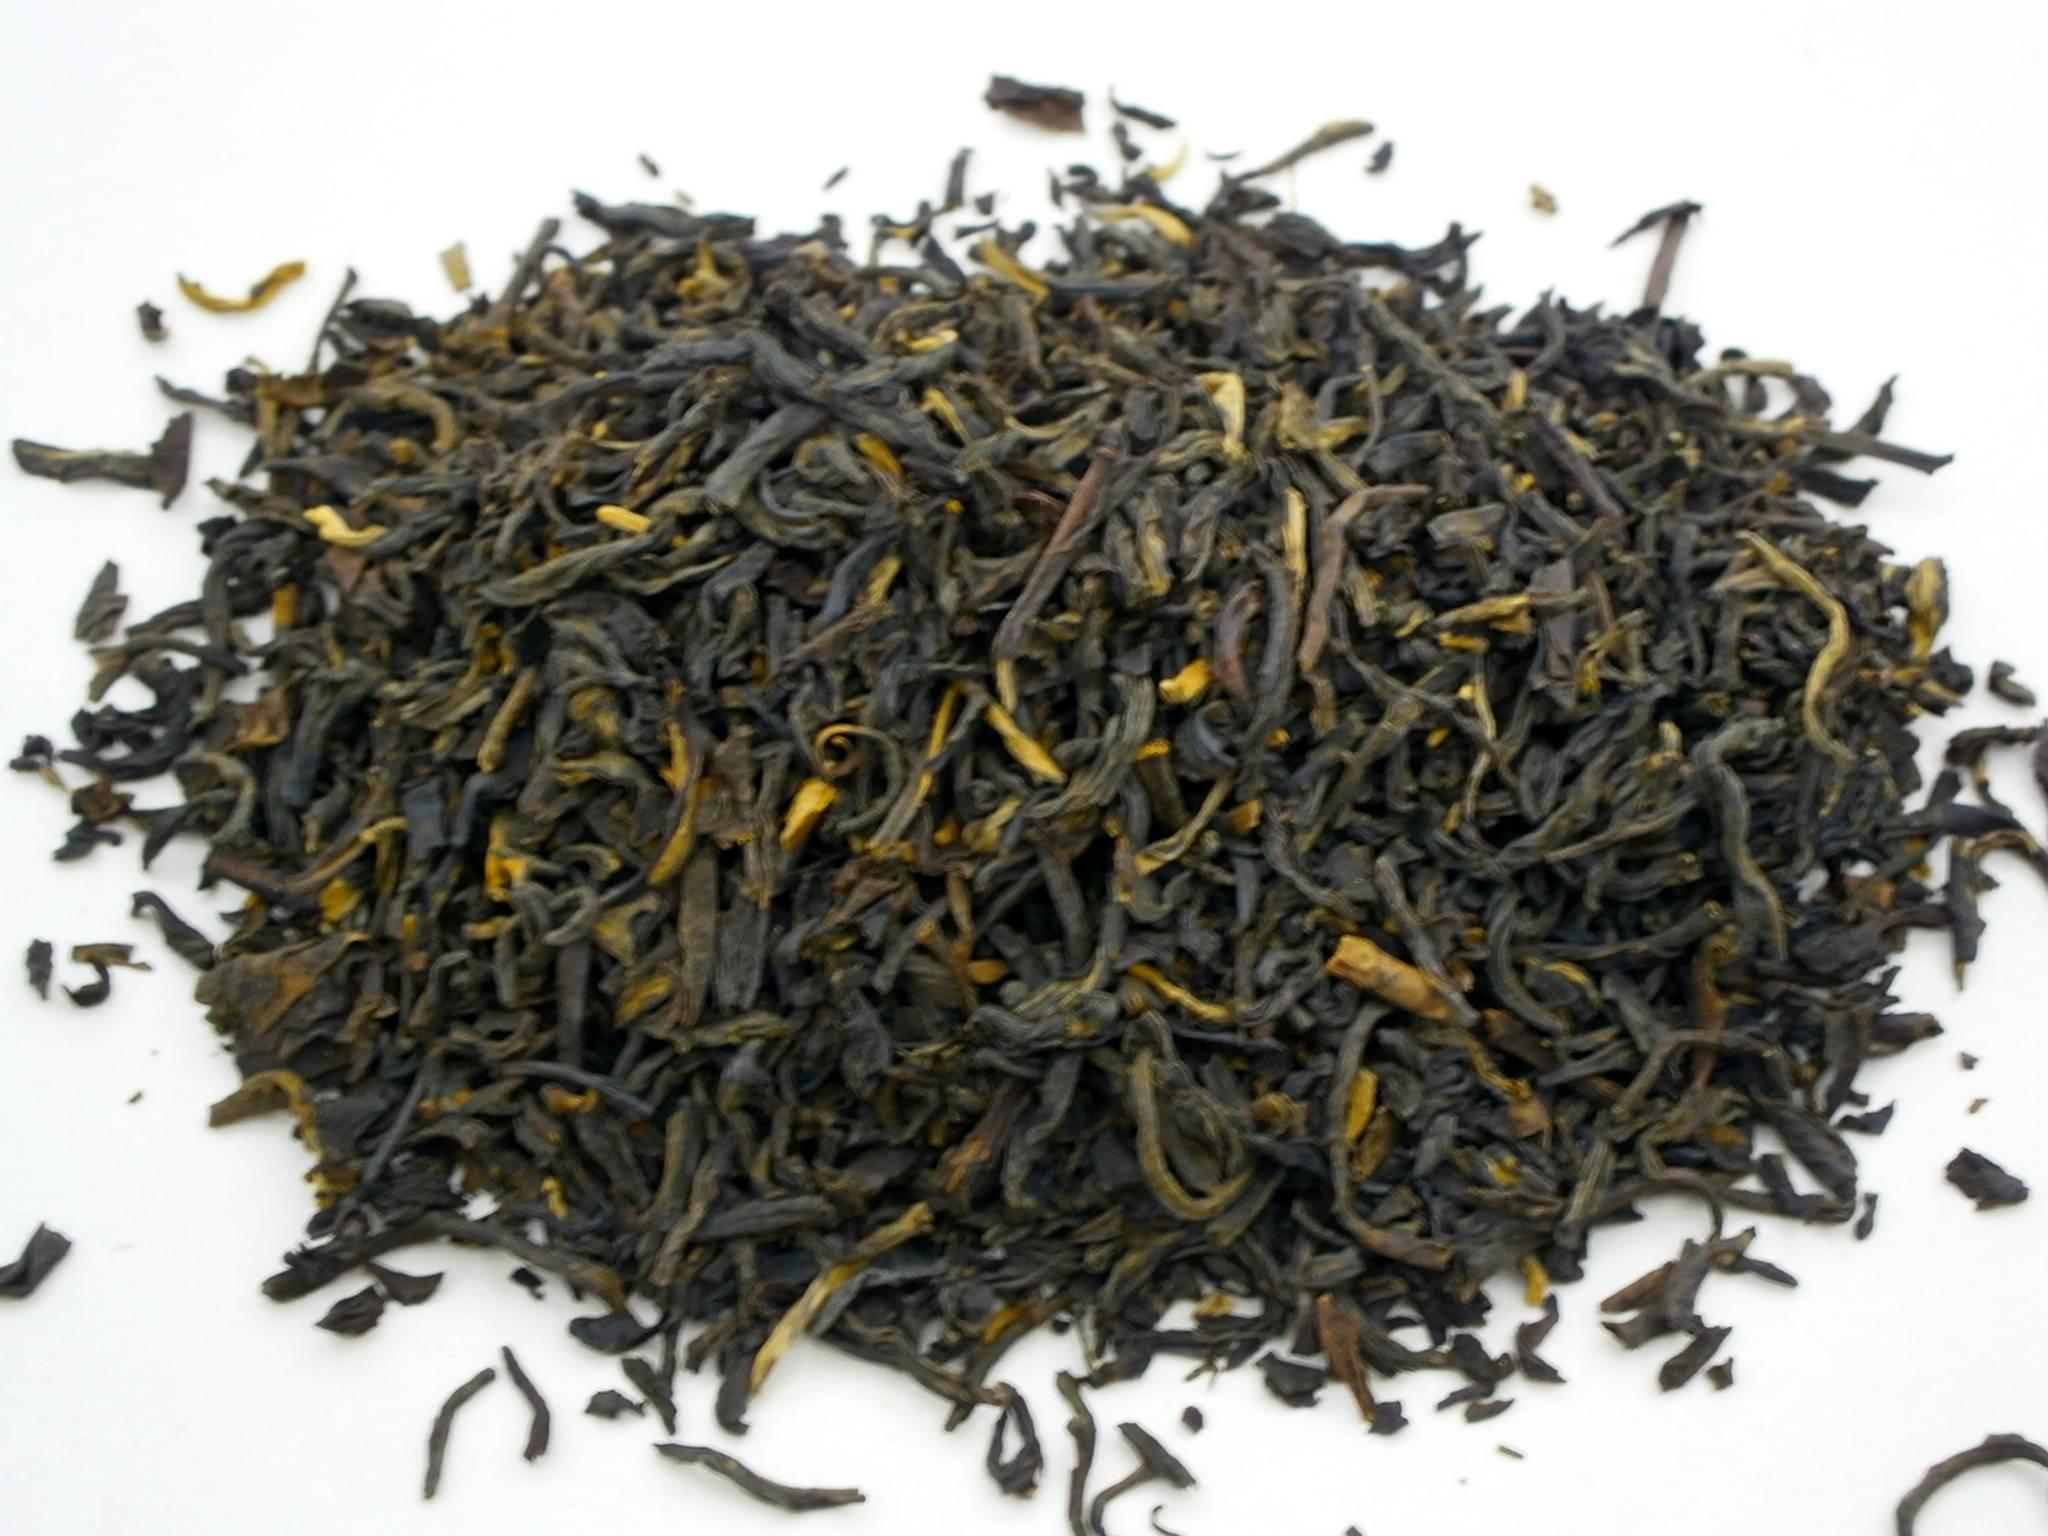 Самый дорогой чай в мире: описание, название, сорт, особенности :: businessman.ru